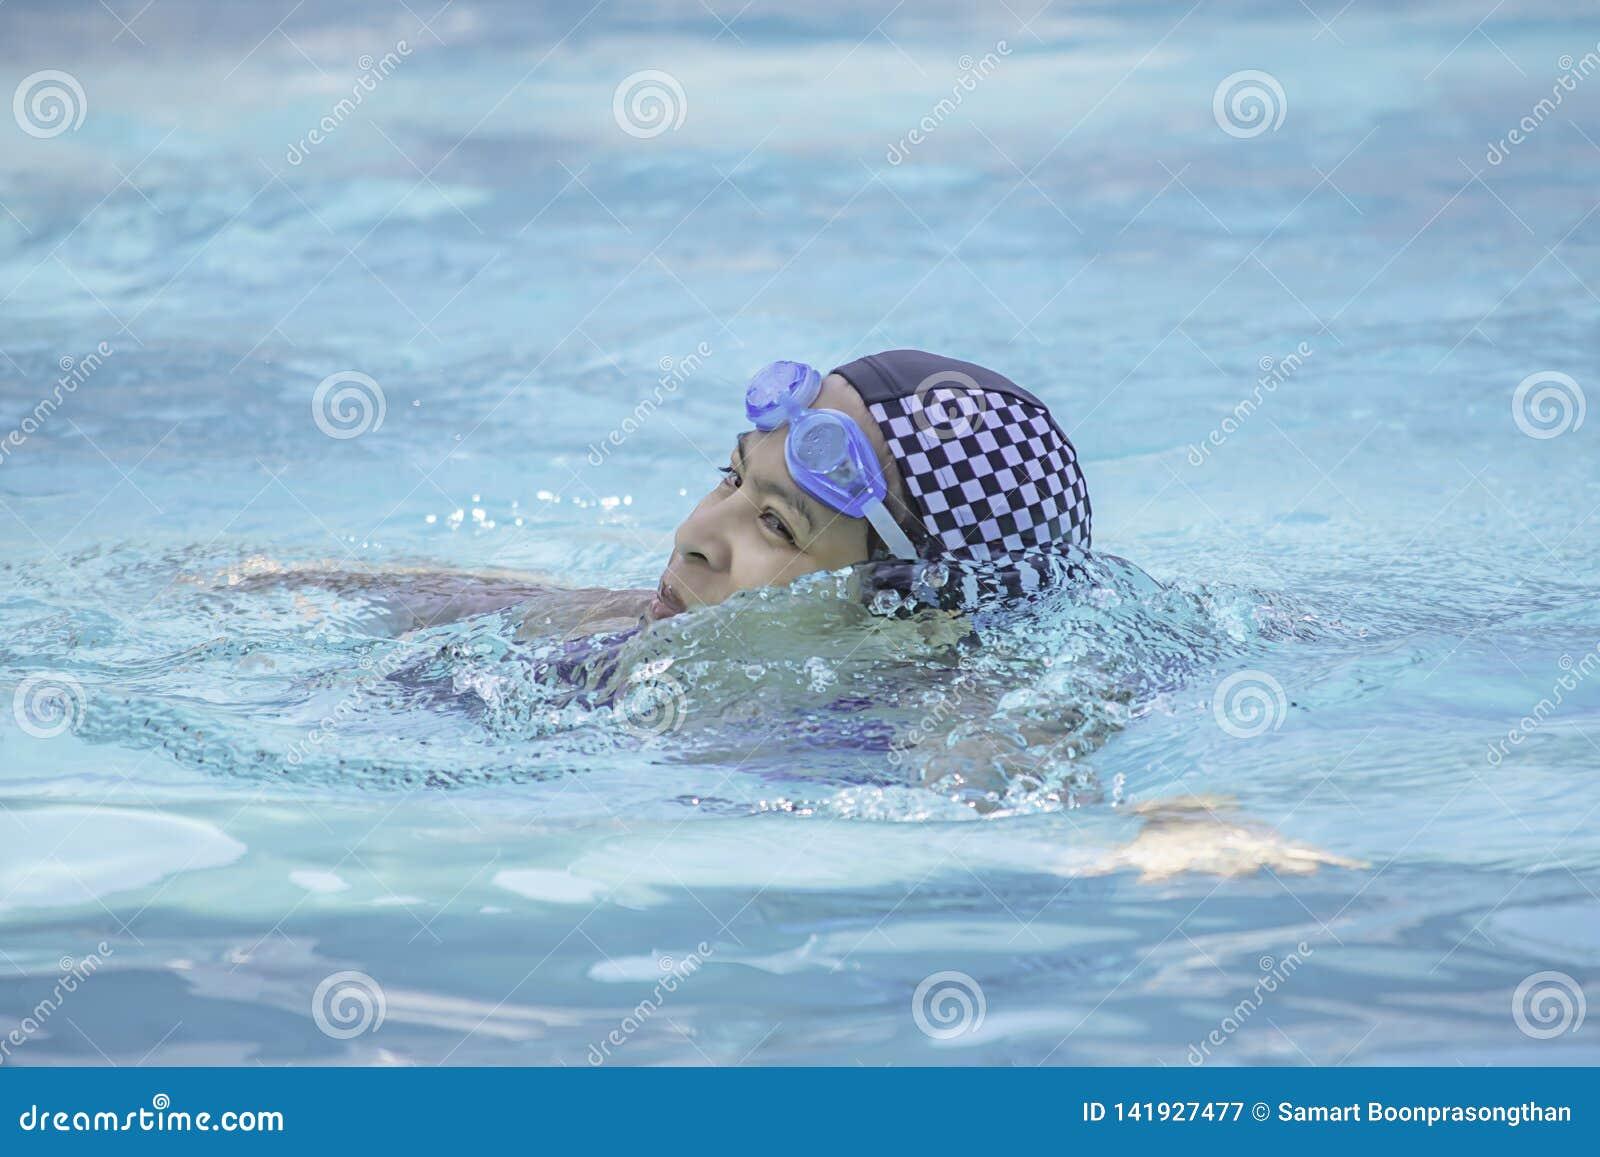 Азиатские женщины плавают в бассейне